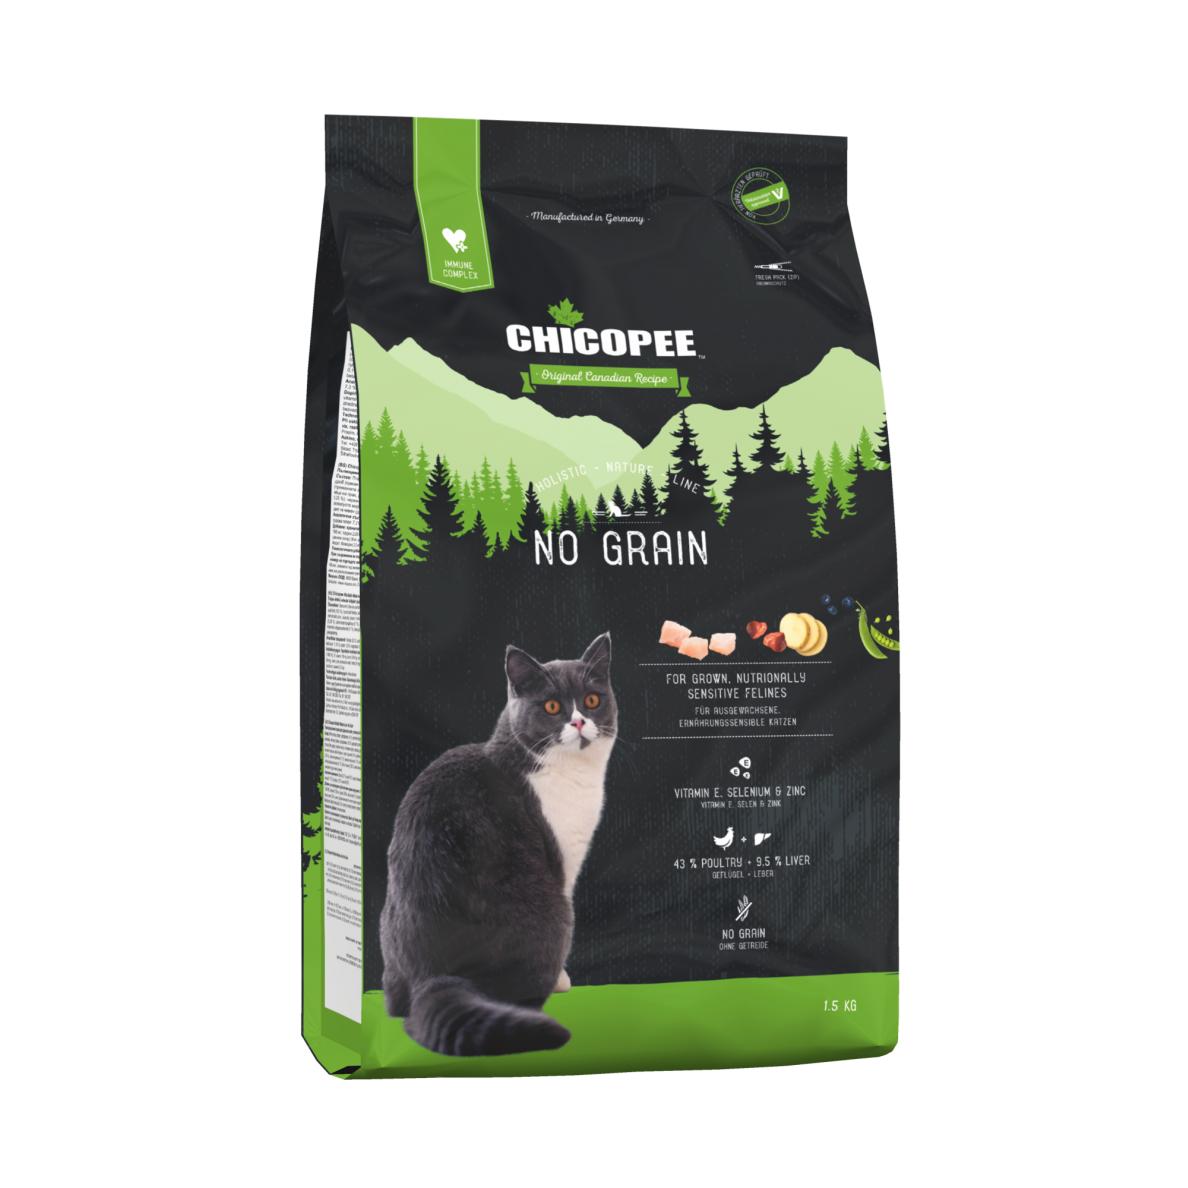 Kačių maistas CHICOPEE Holistic NO GRAIN 1,5kg.